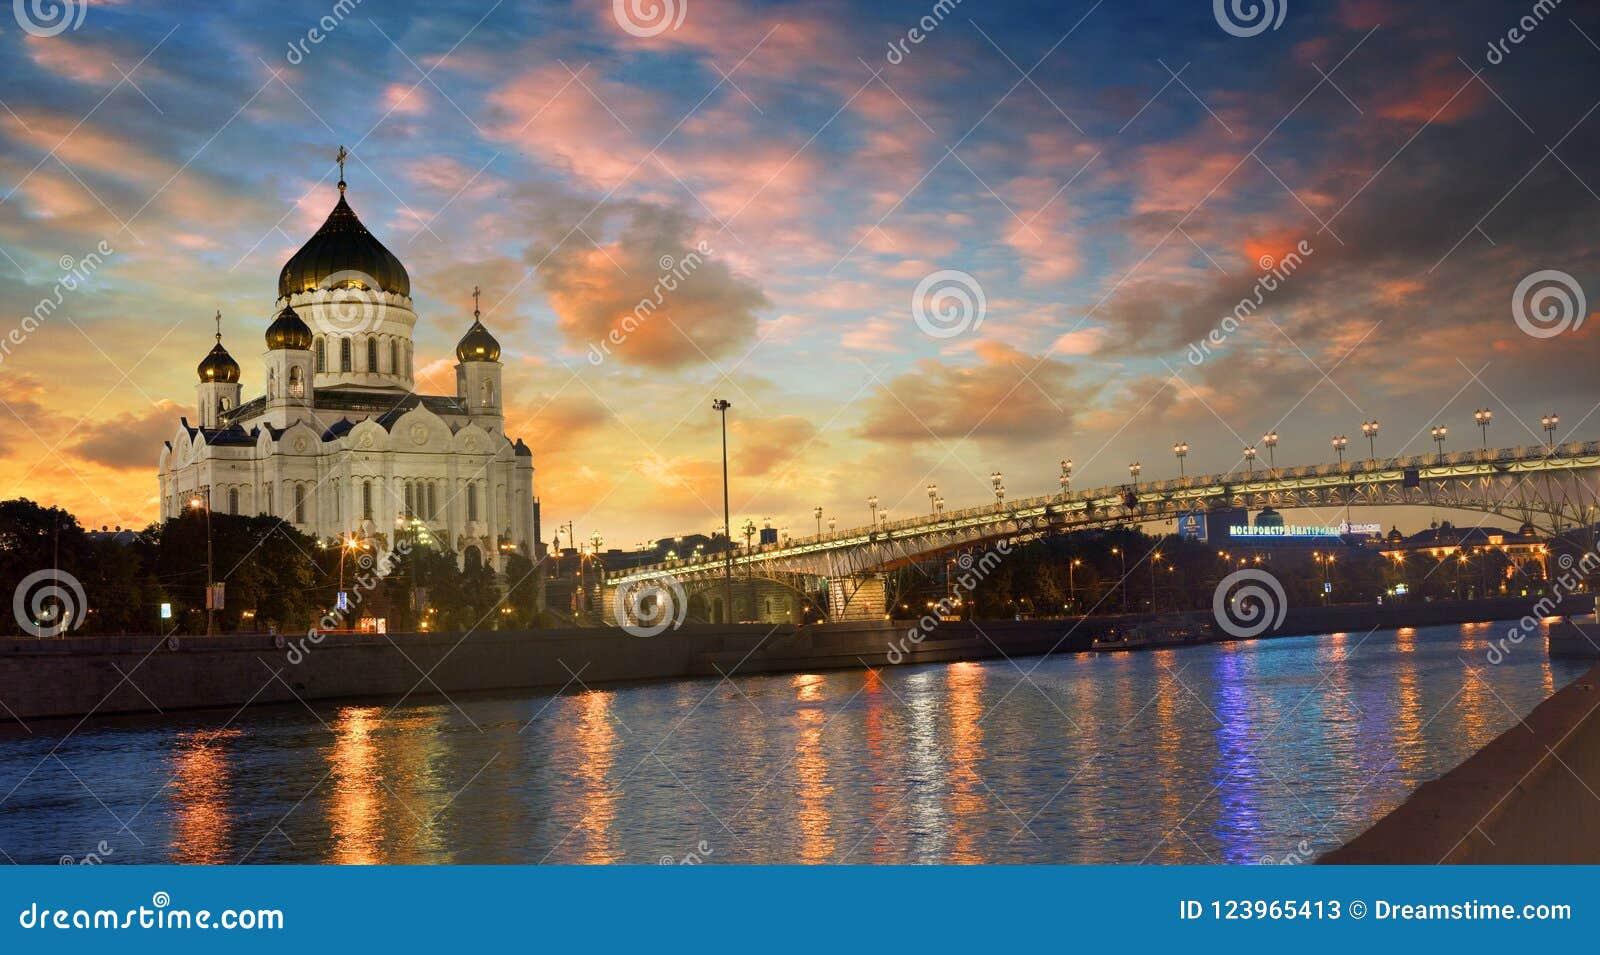 Schöne Ansicht der Kathedrale von Christus der Retter in Moskau am Abend